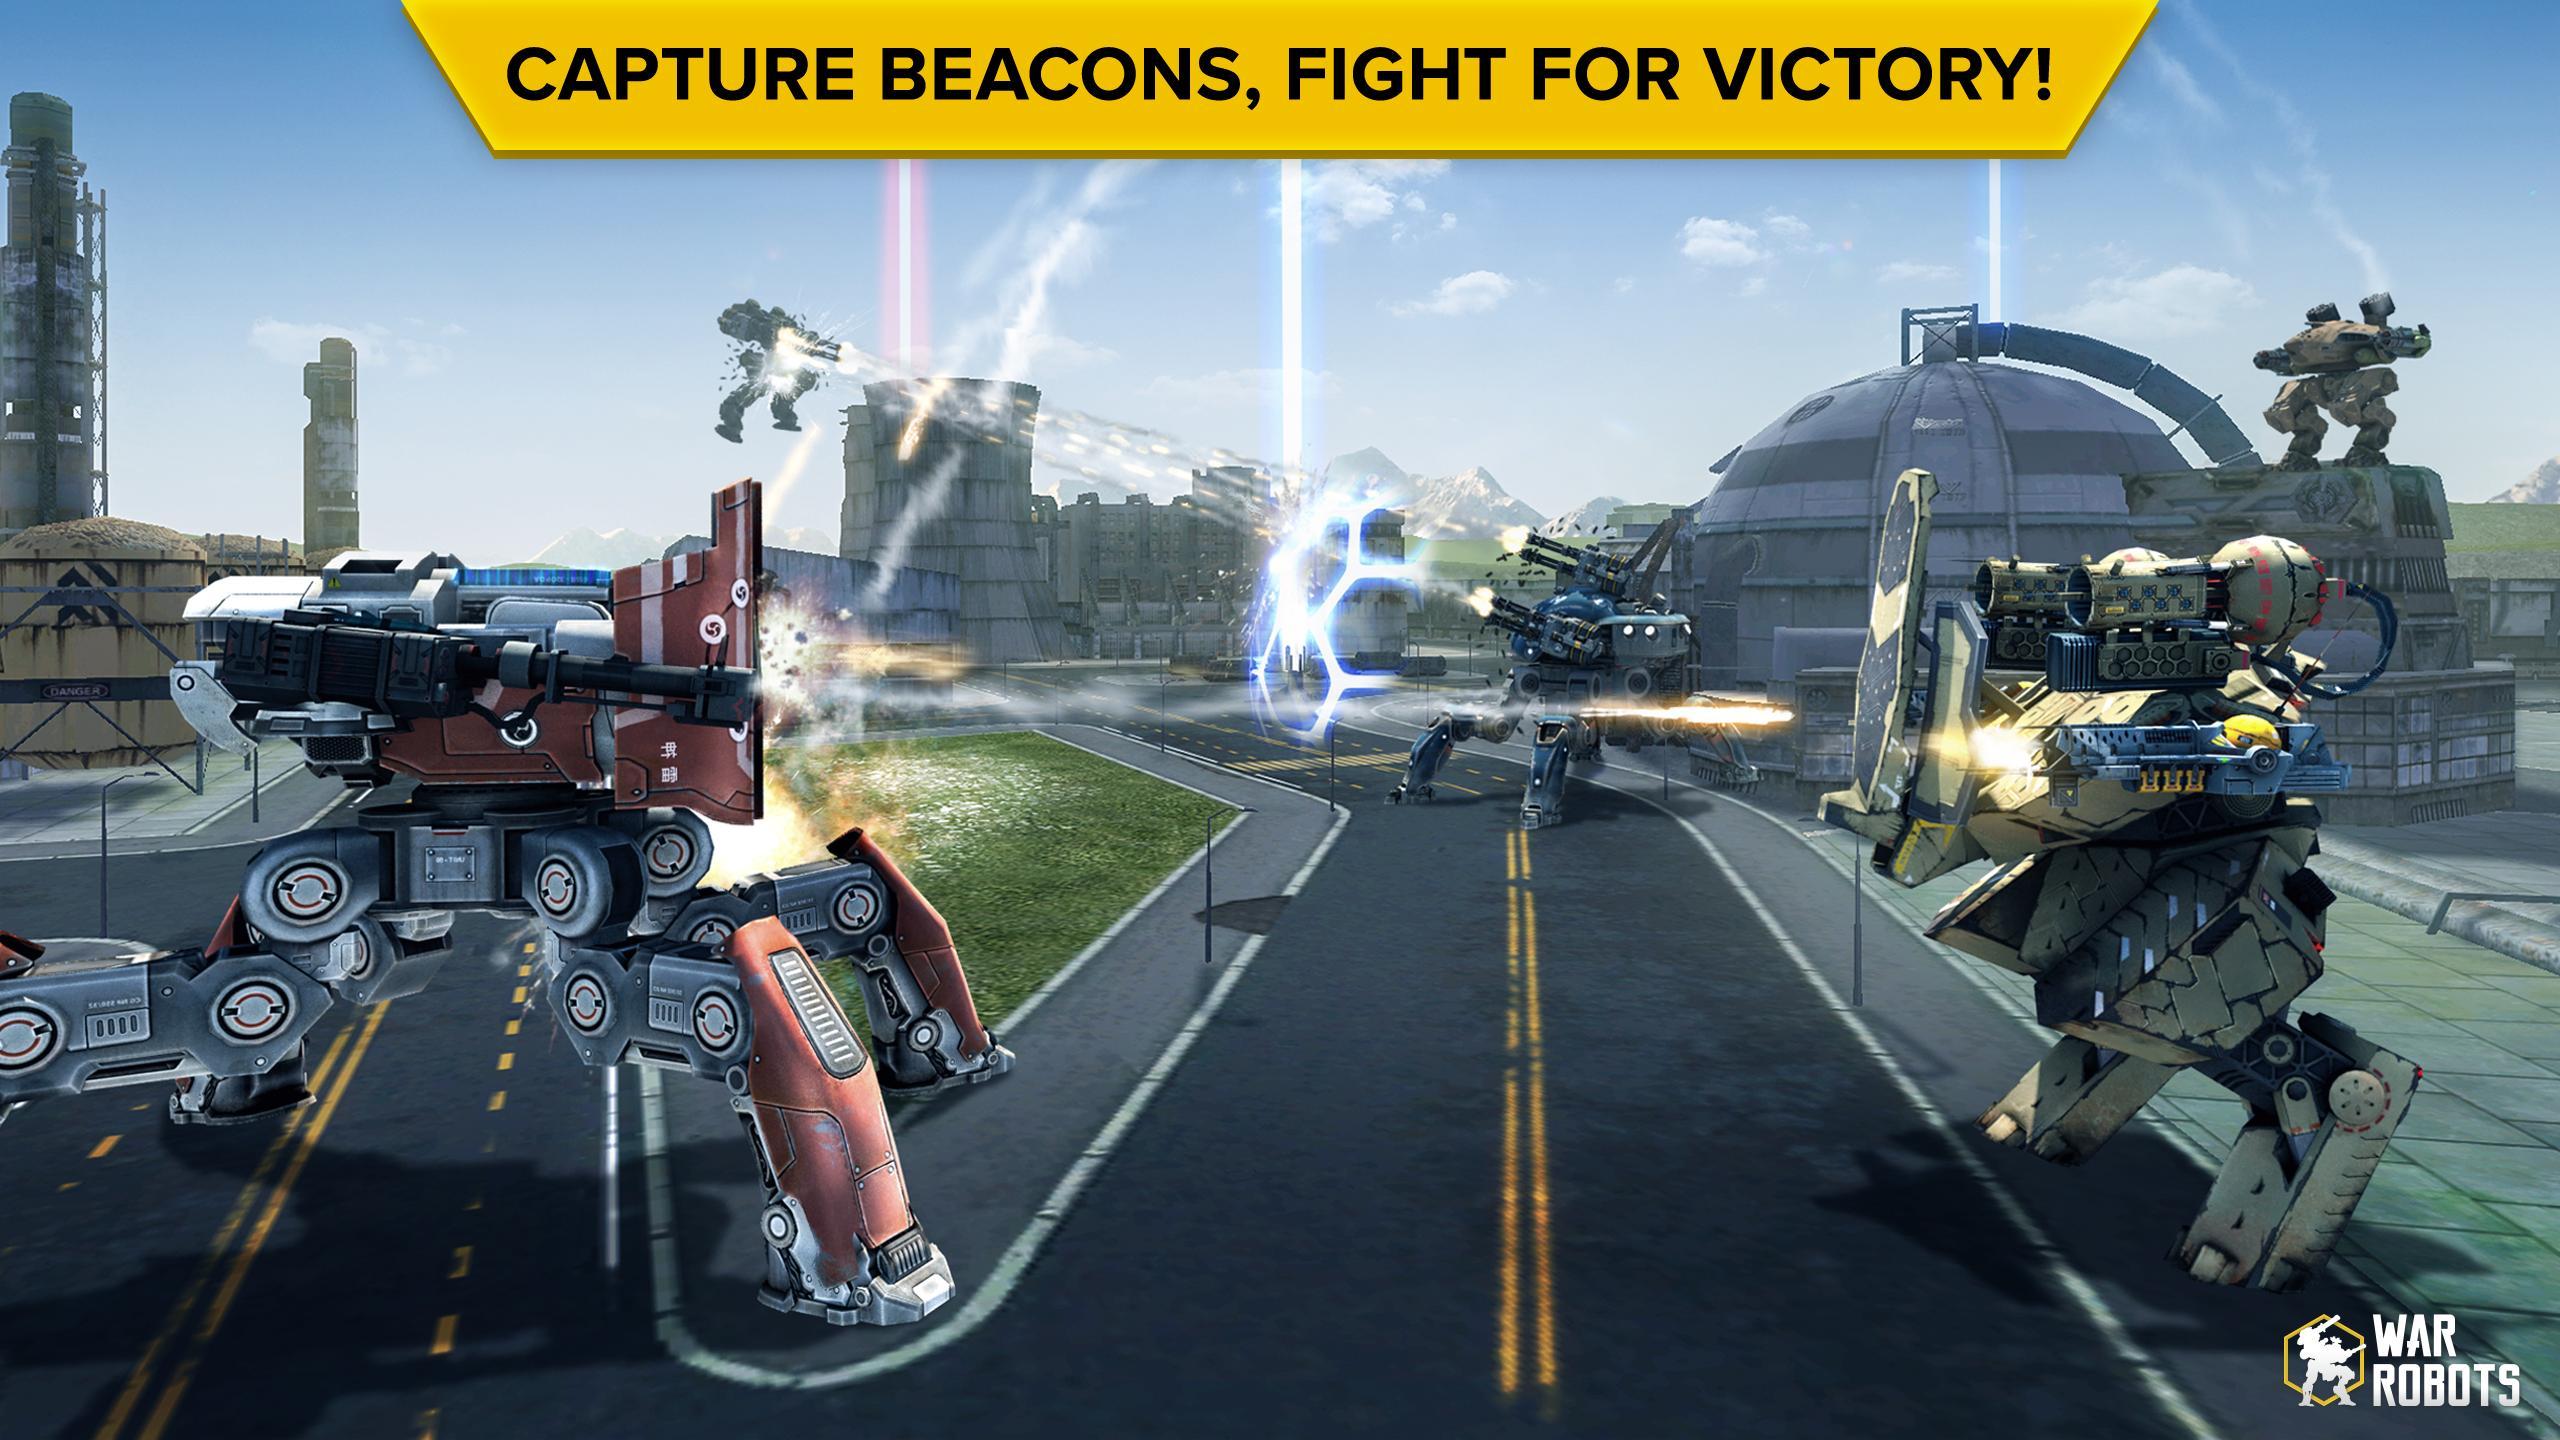 War Robots Multiplayer Battles 6.4.8 Screenshot 4